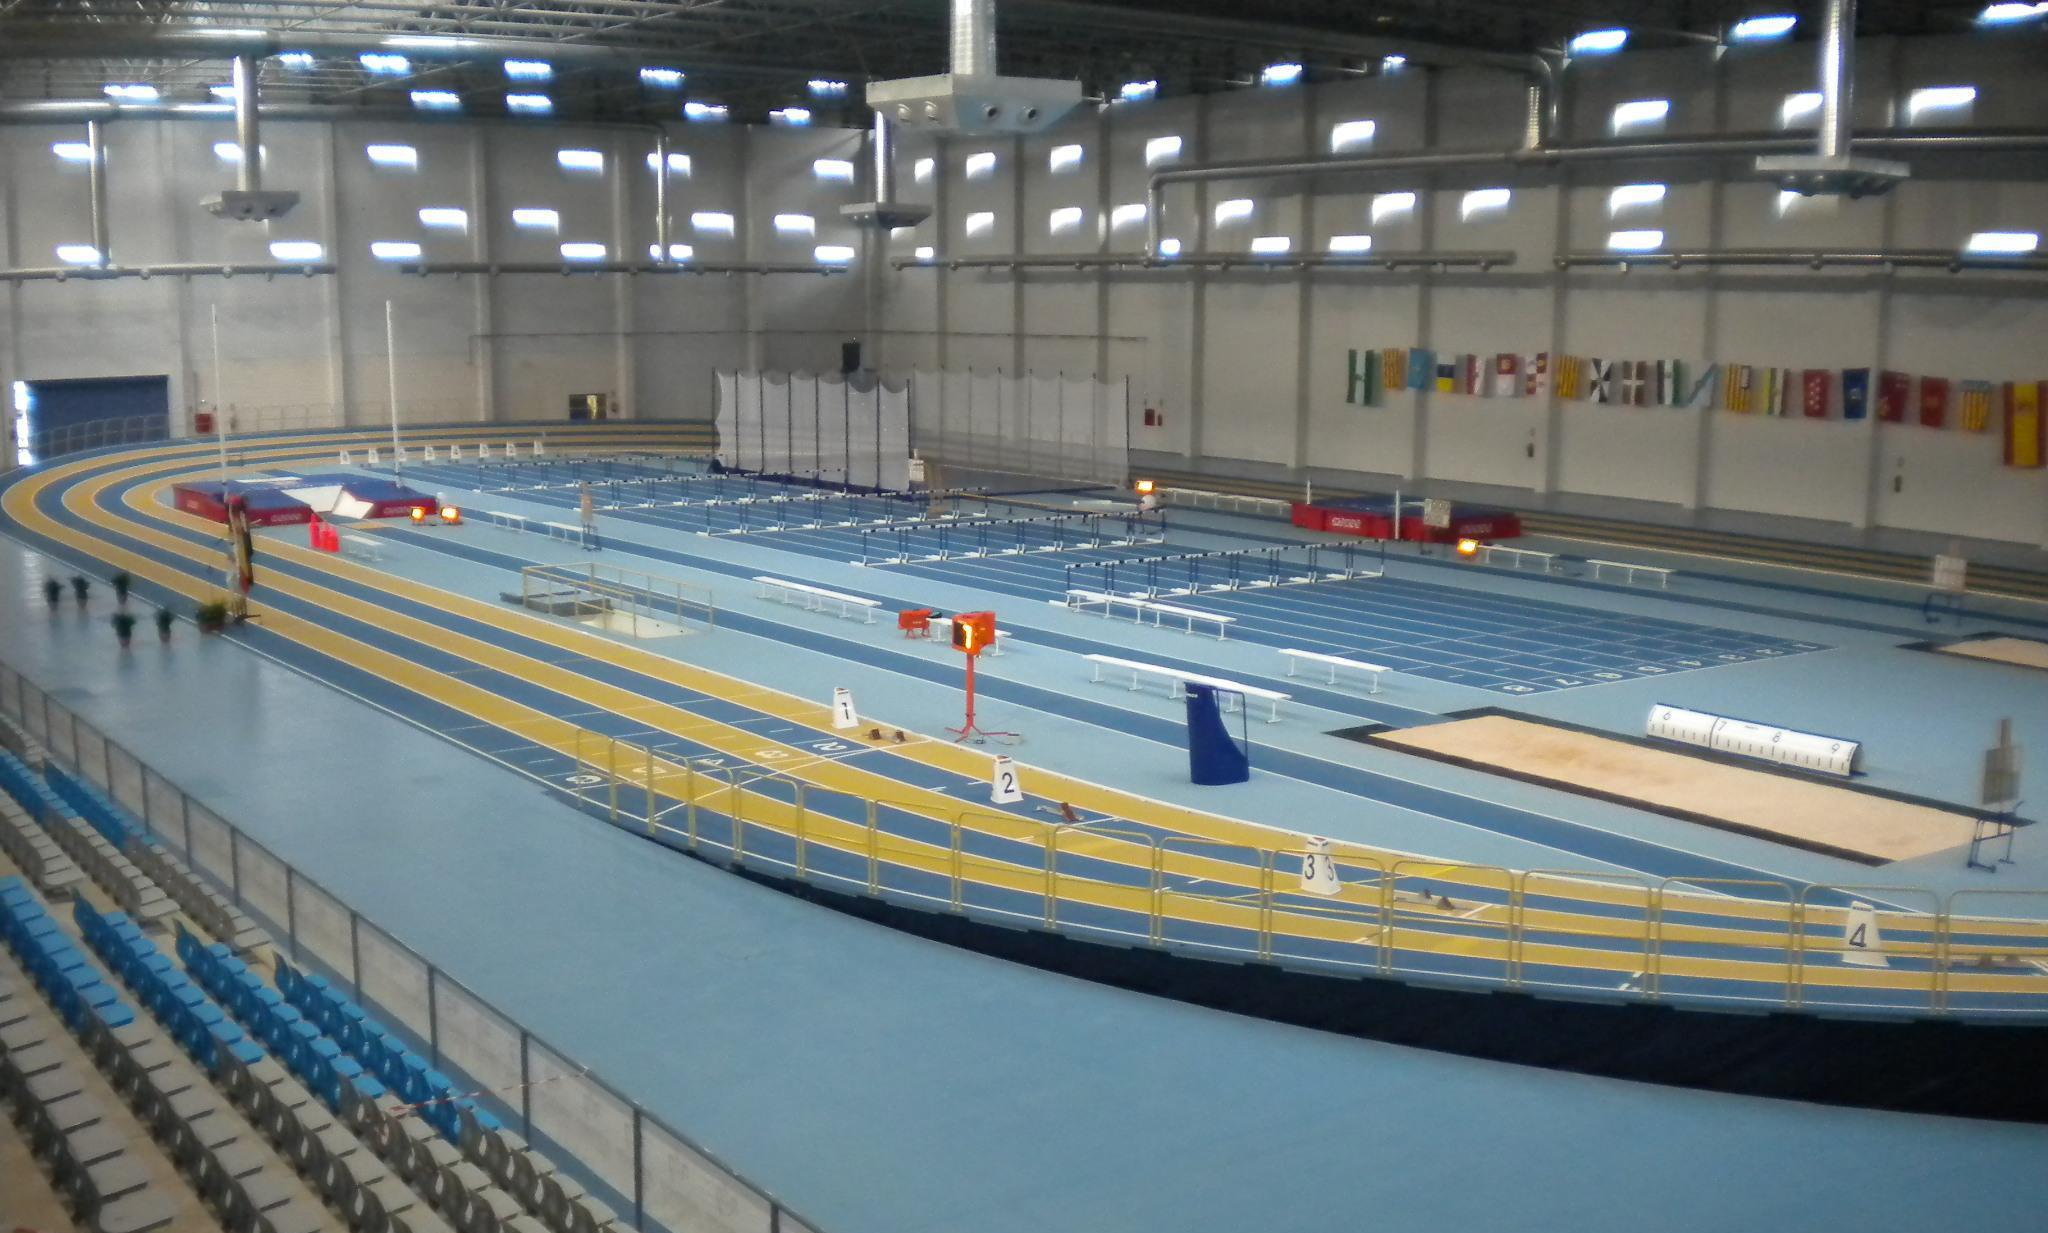 Centro de Atletismo 'VI Centenario' de Antequera